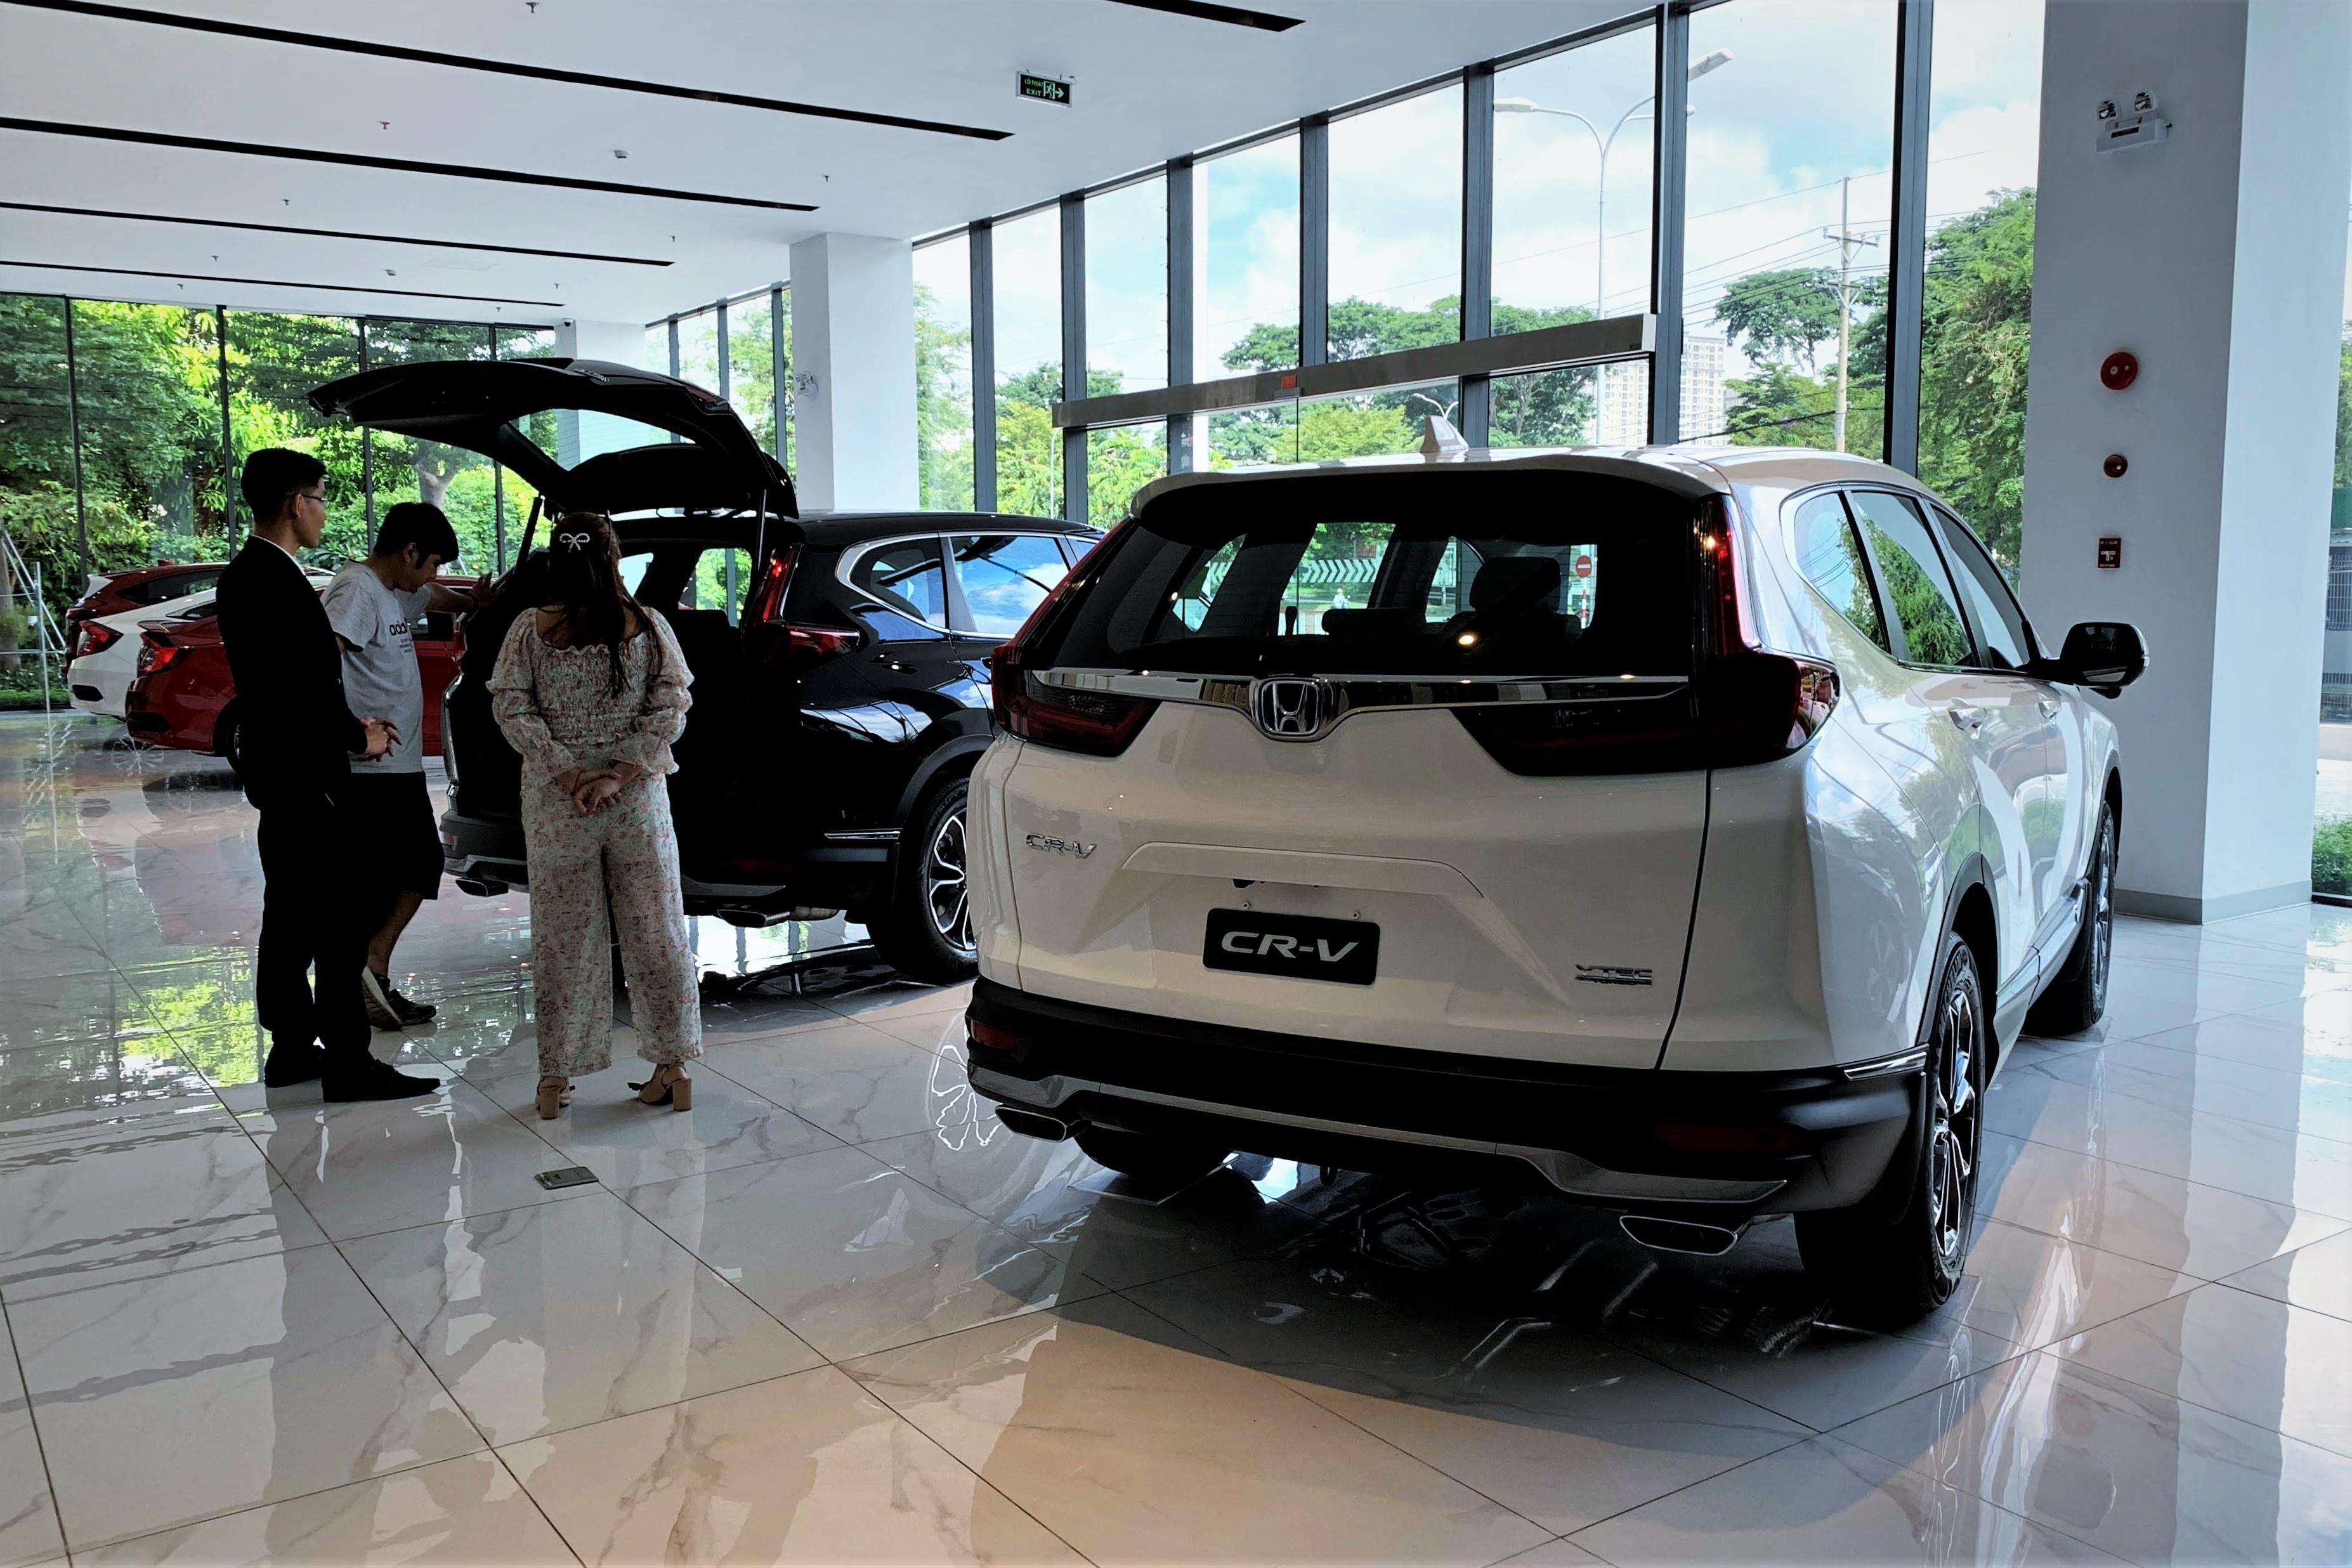 Đại lý giảm giá, tặng phụ kiện hơn trăm triệu đồng cho Honda CR-V Ảnh 1